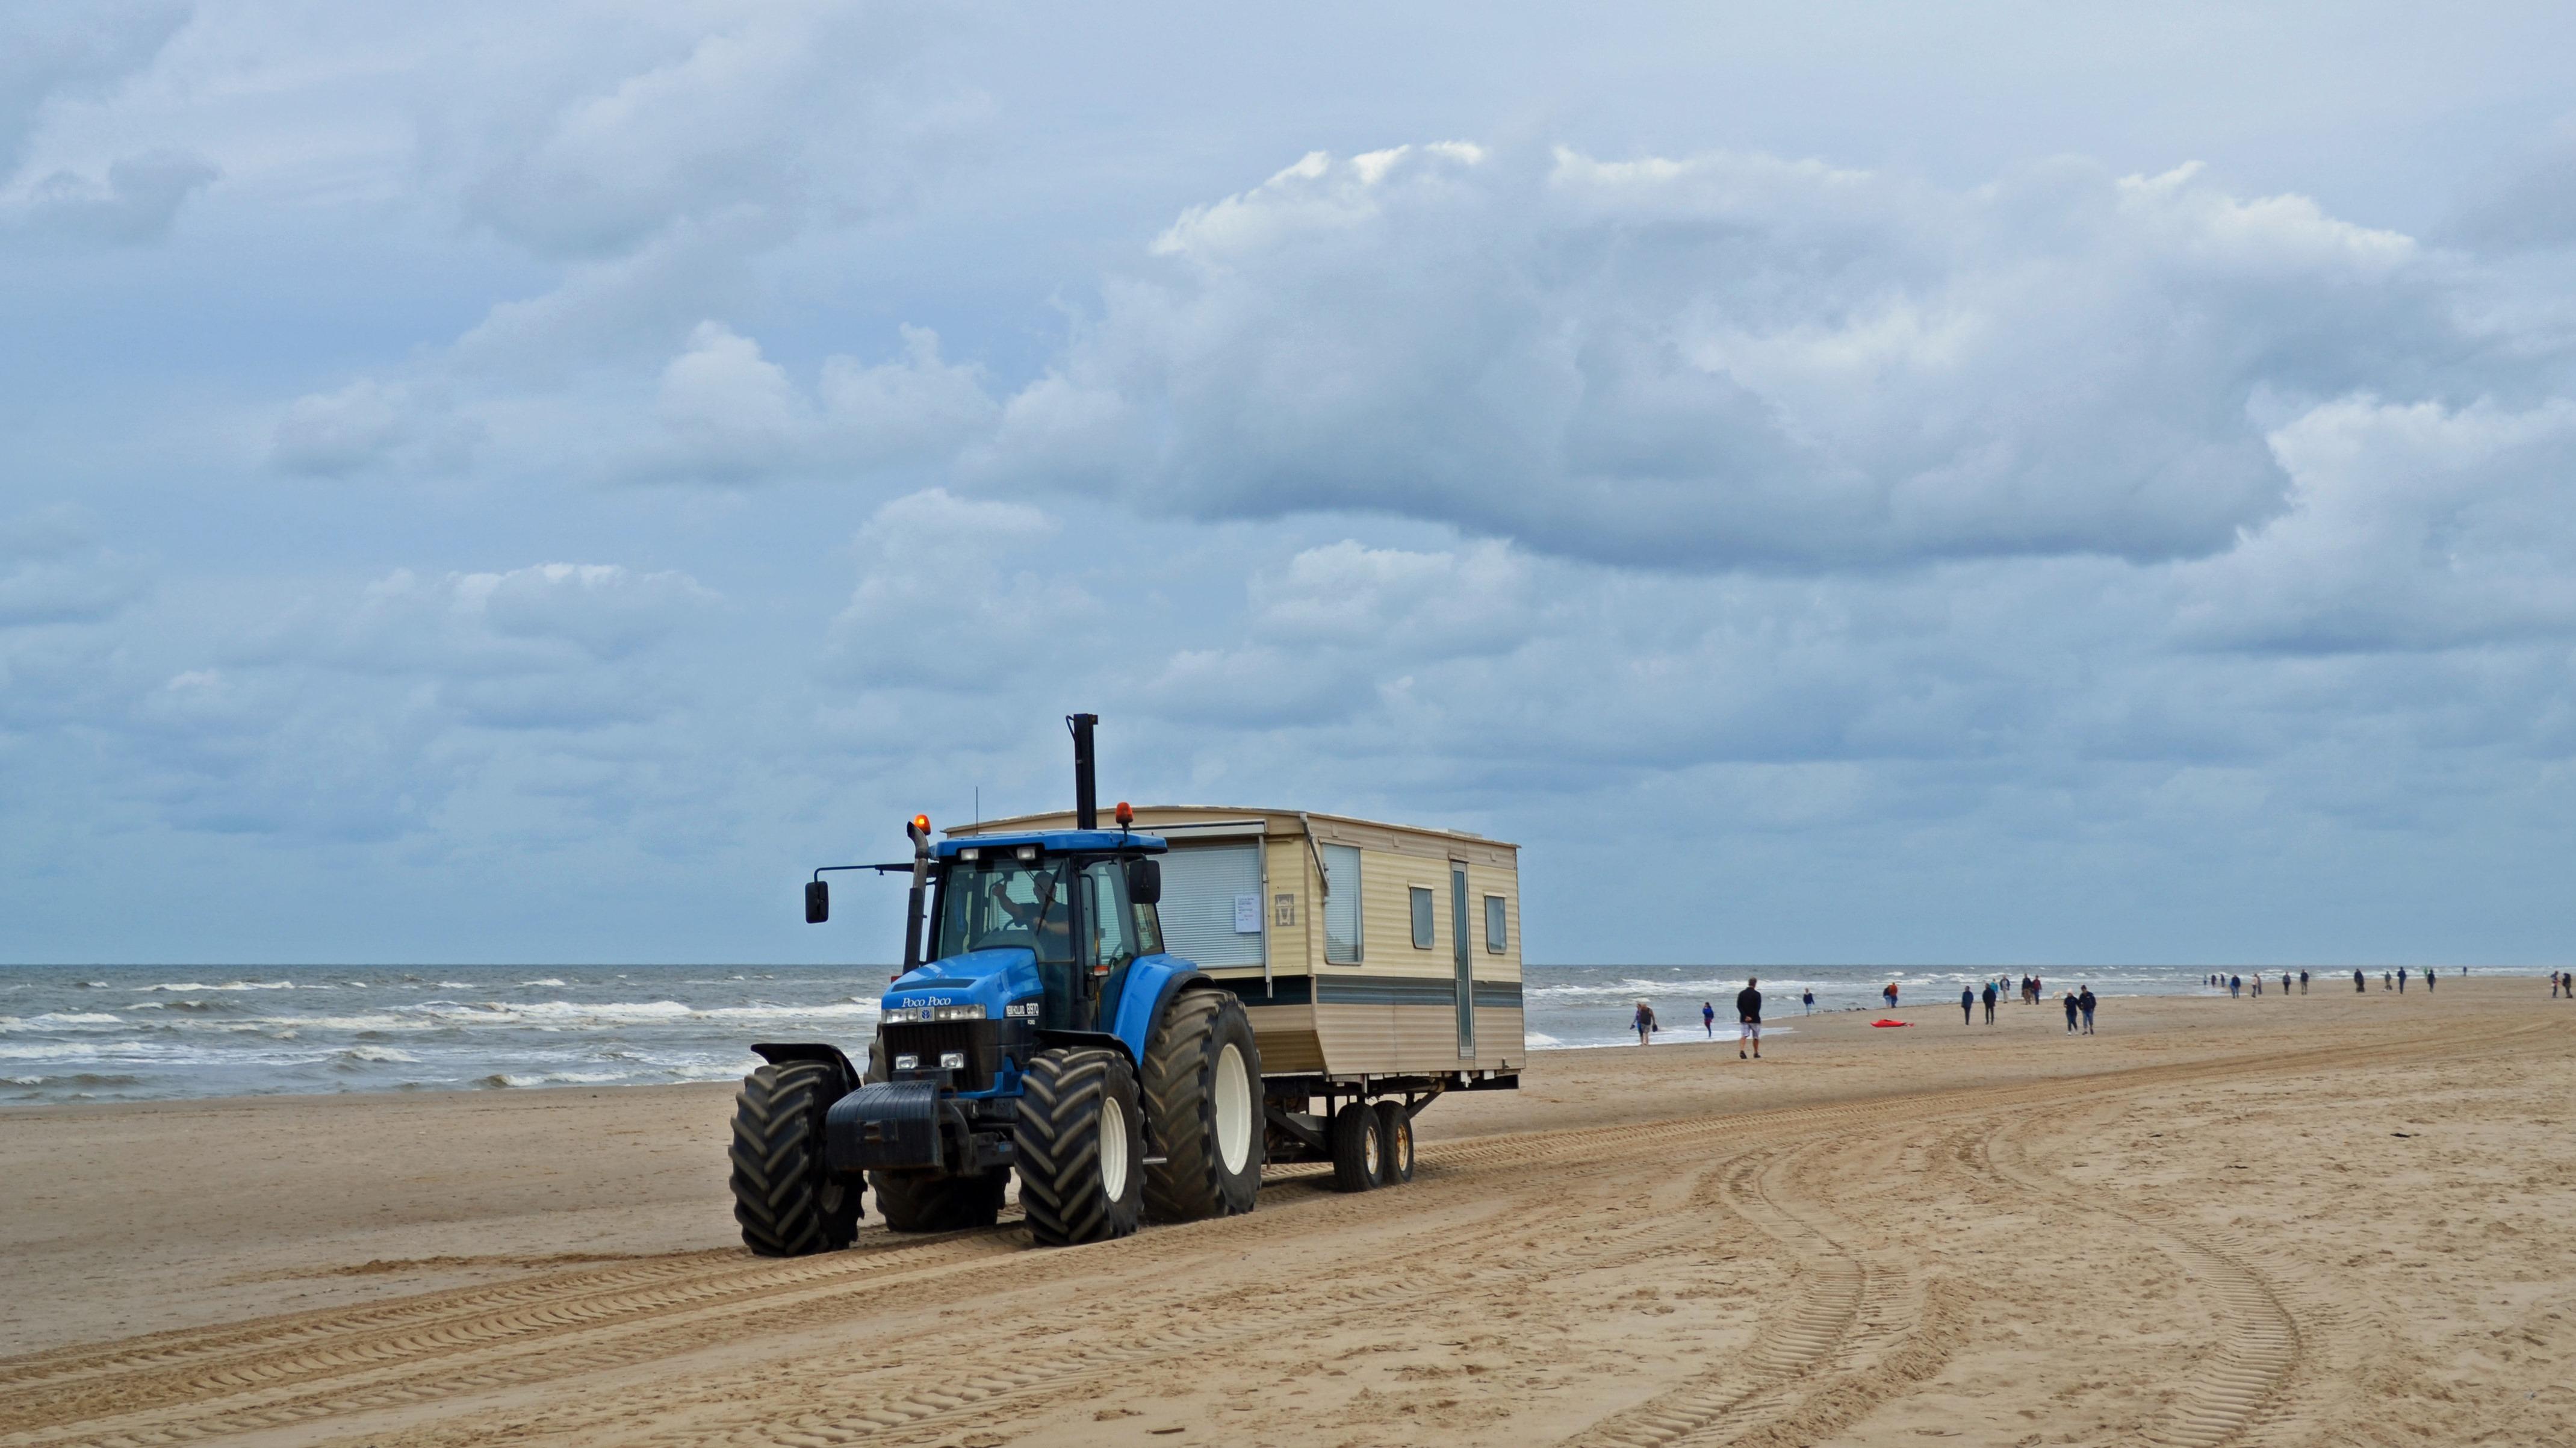 De strandhuisjes worden naar hun winterstalling gebracht, het badseizoen in Egmond aan Zee is nu echt voorbij (Foto: Sjef Kenniphaas).